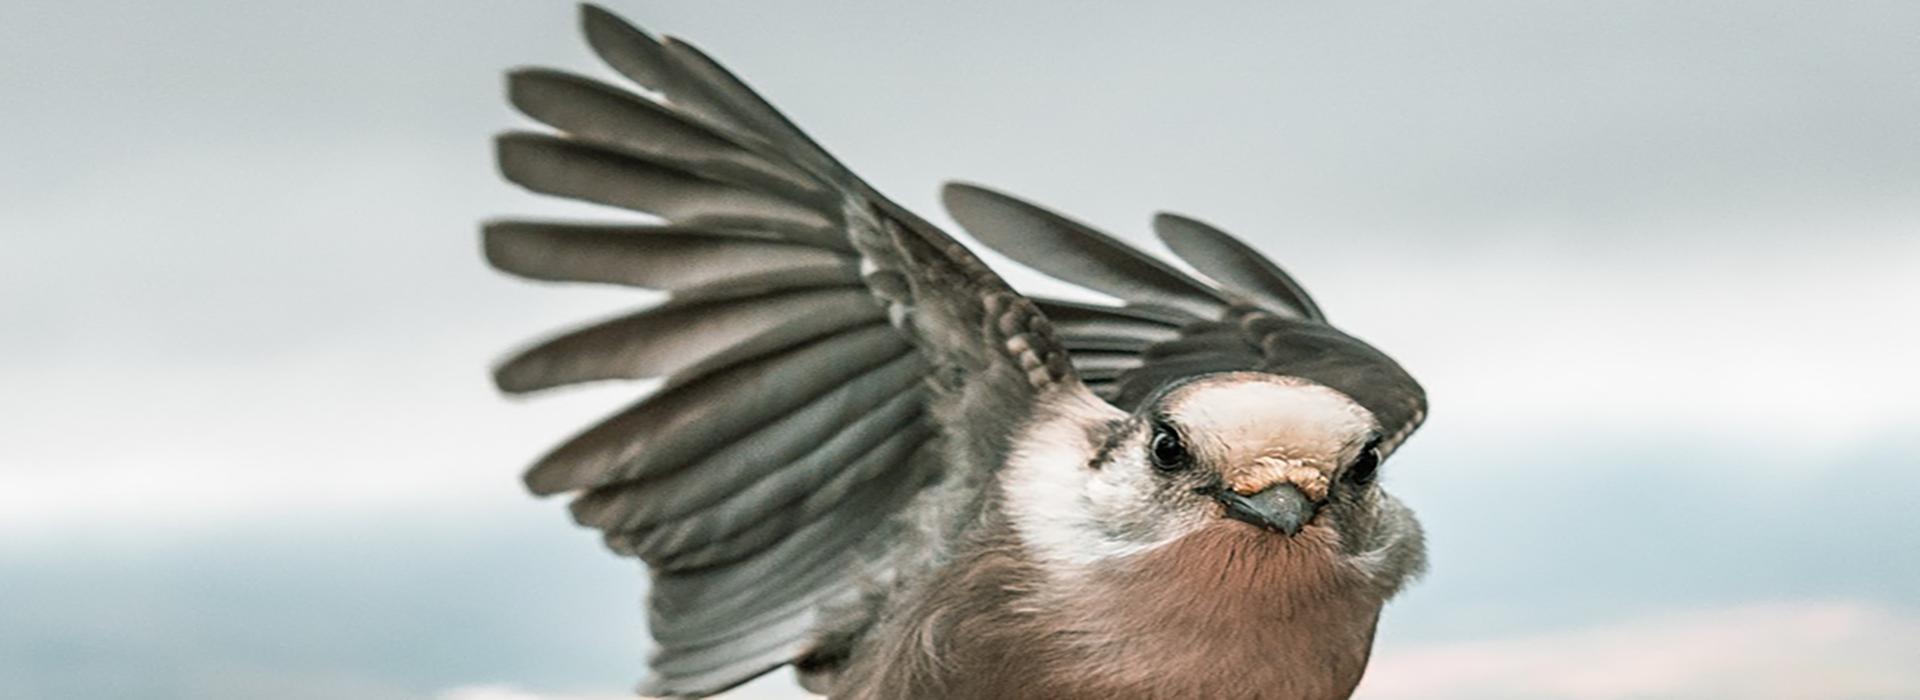 gros plan d'un oiseau en vol